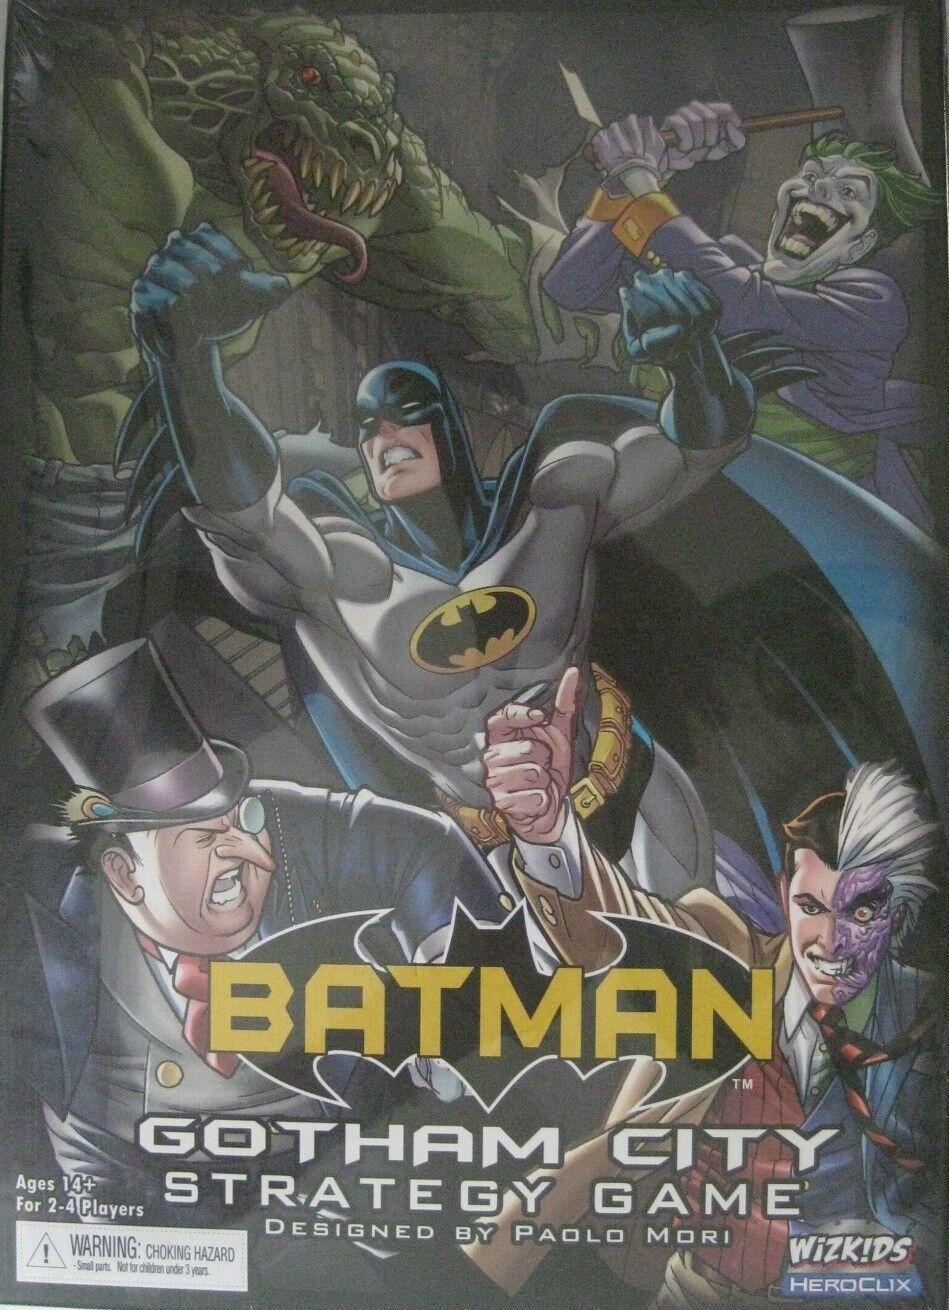 Batman Gotham City Jeu de stratégie Wizkids Heroclix Joker Pinguin Cat Woman New